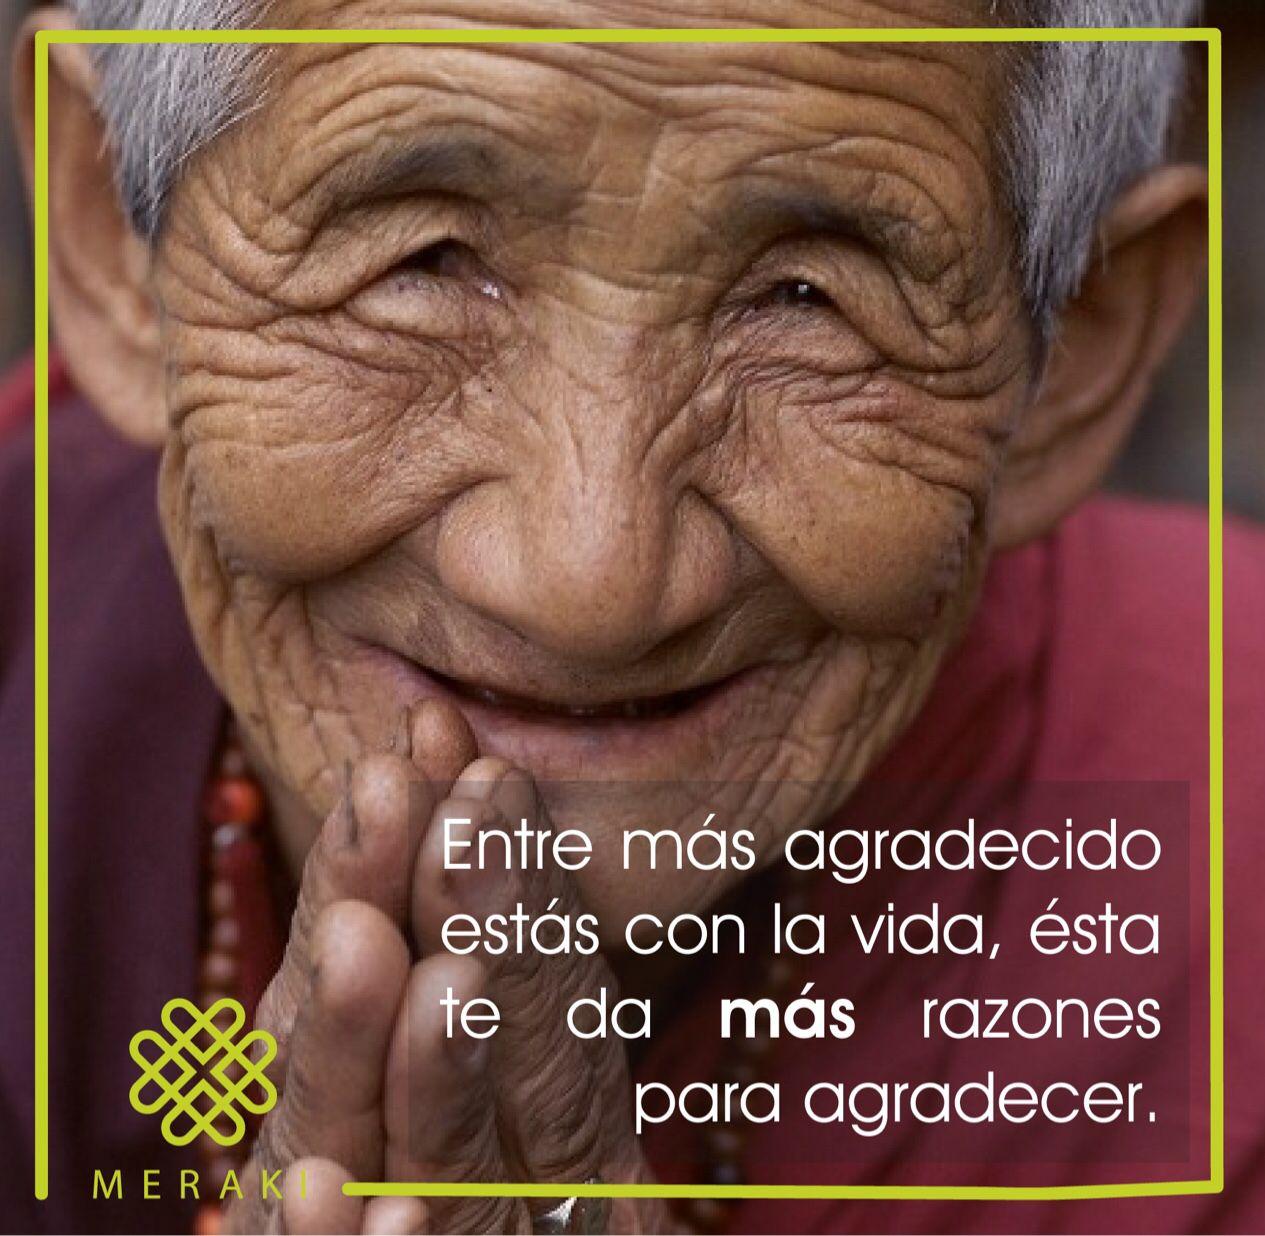 La vida nos brinda infinitas posibilidades para estar agradecidos ...